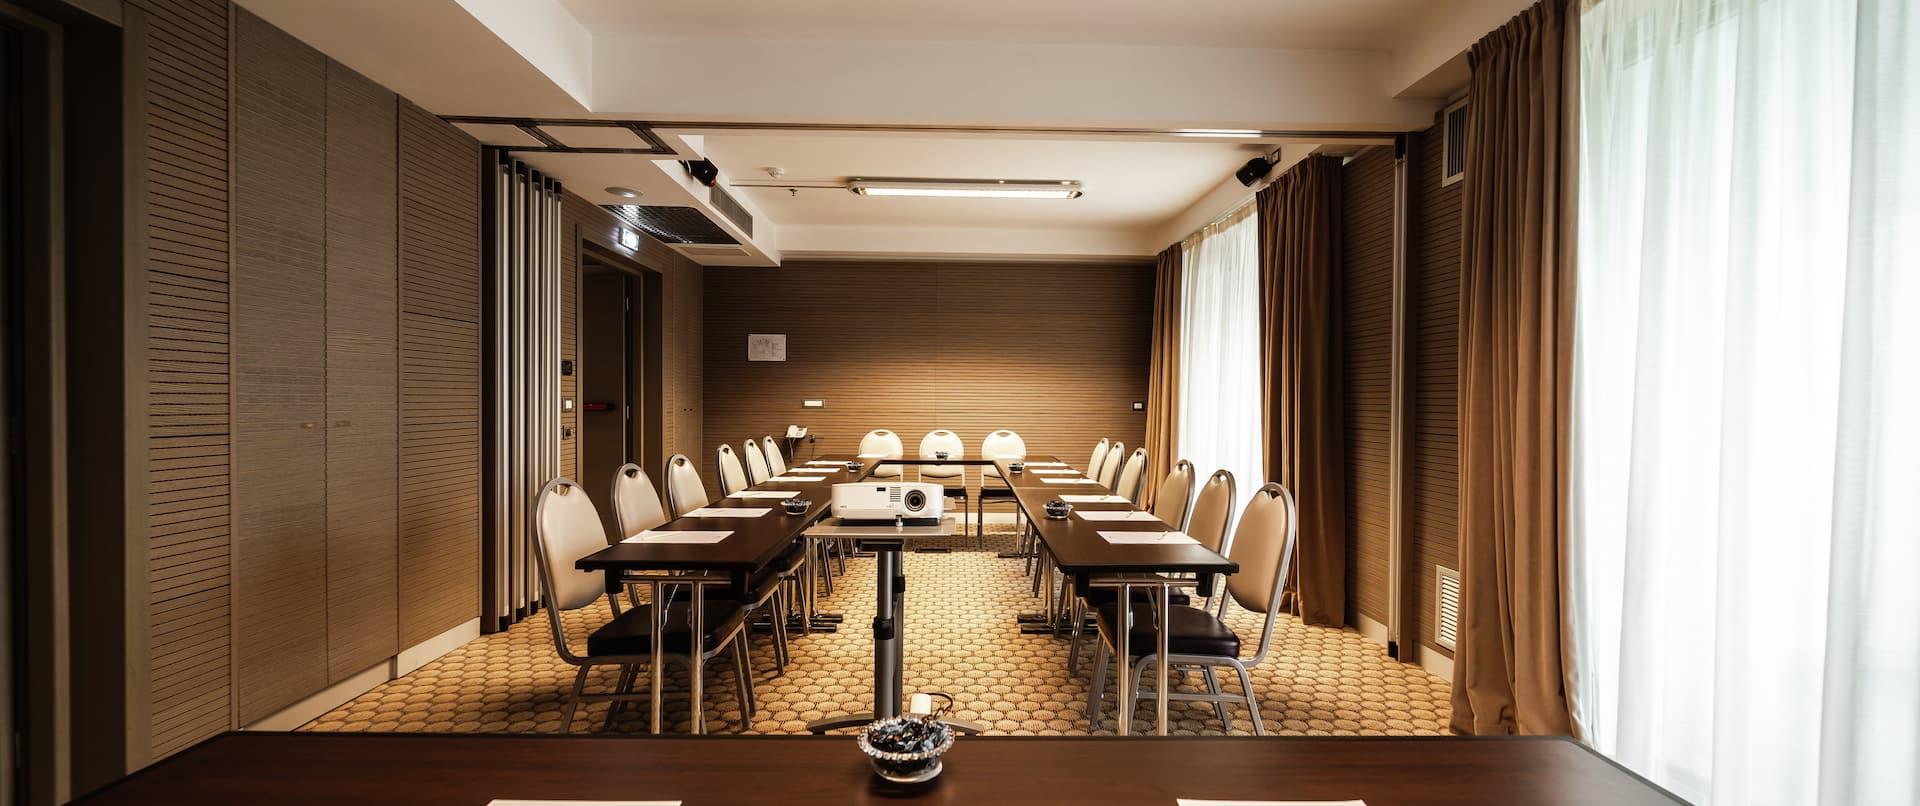 Grecale Meeting Room with U-Shape Setup